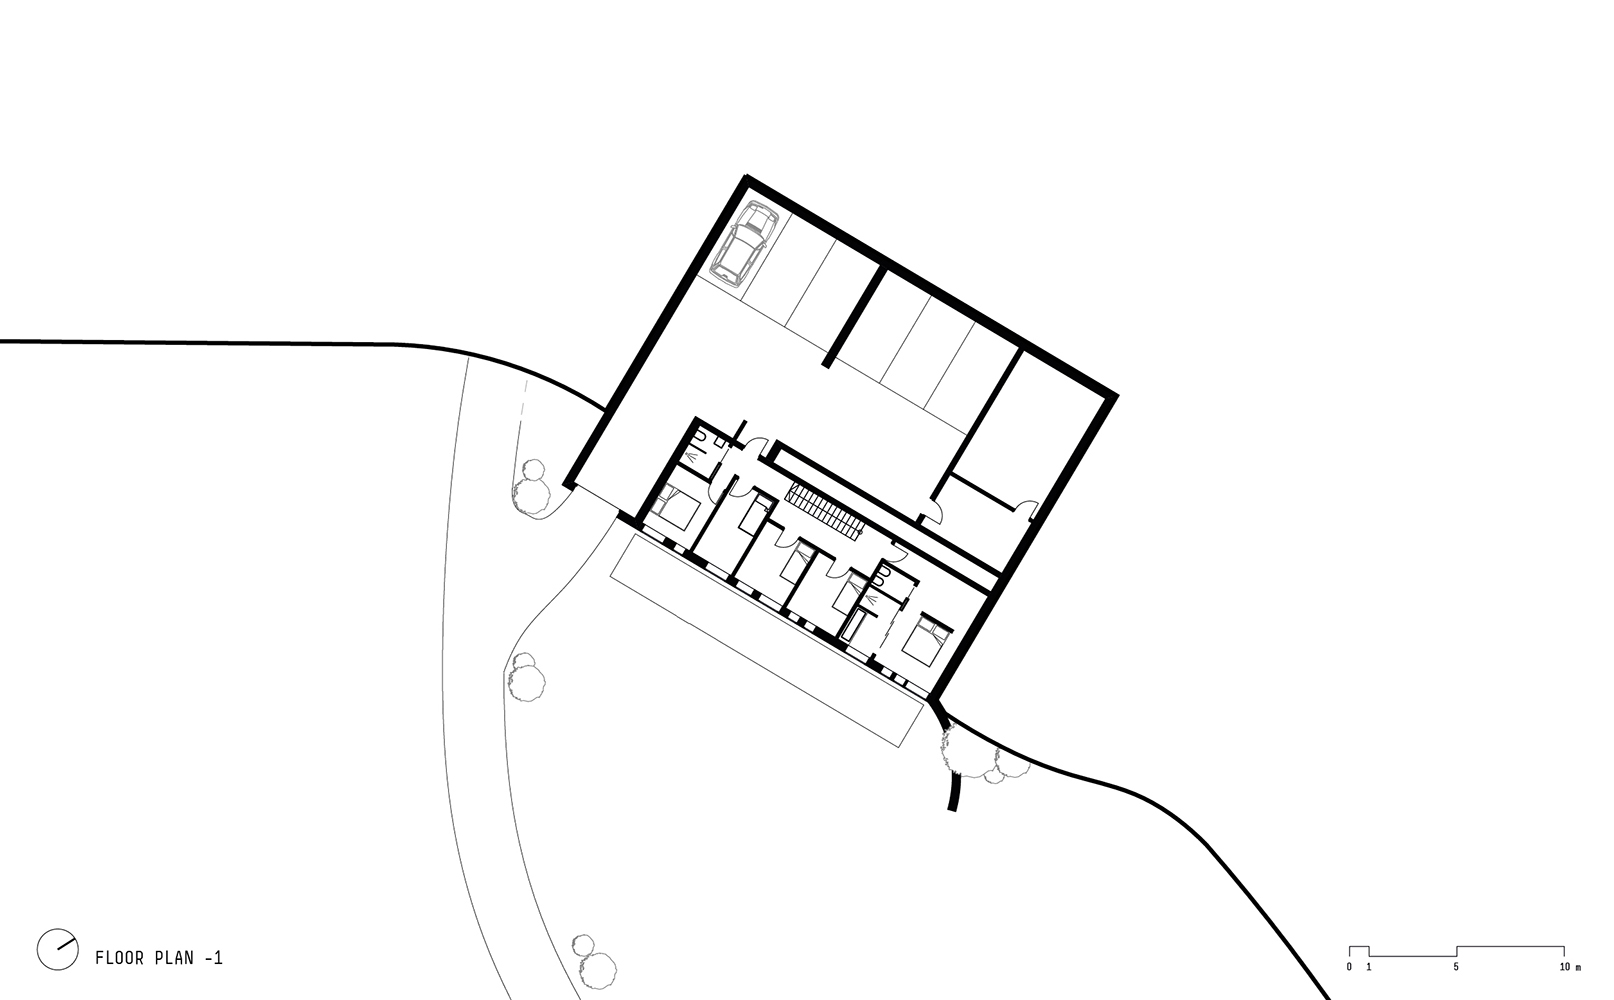 floor plan -1 }